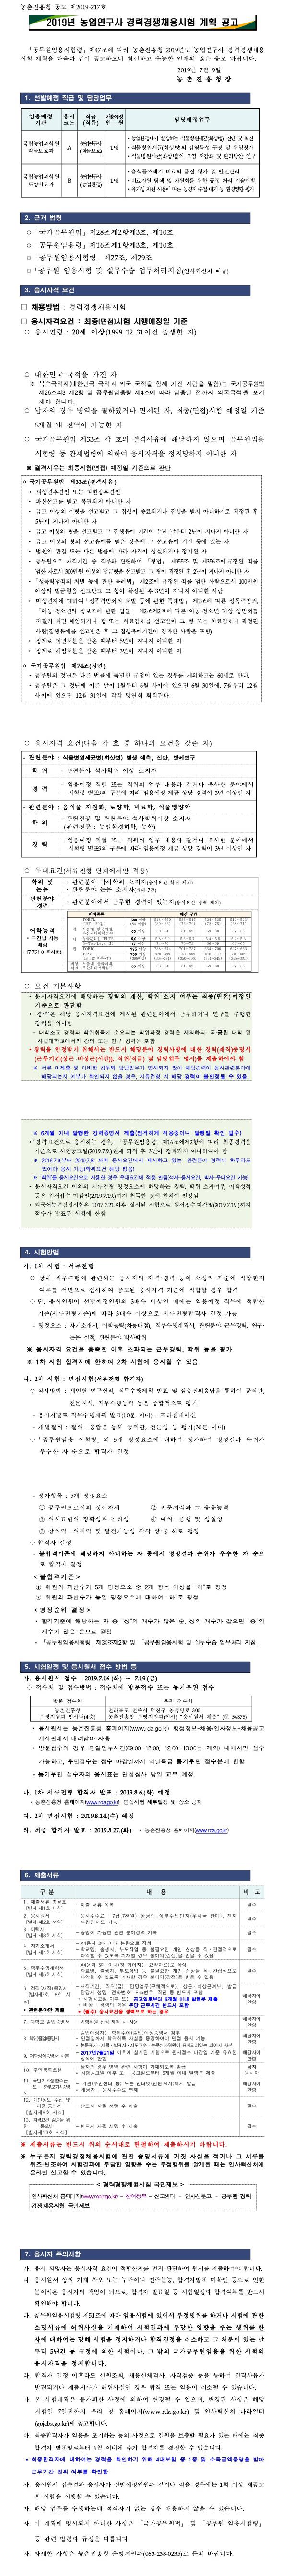 190710_농촌진흥청_공고.jpg